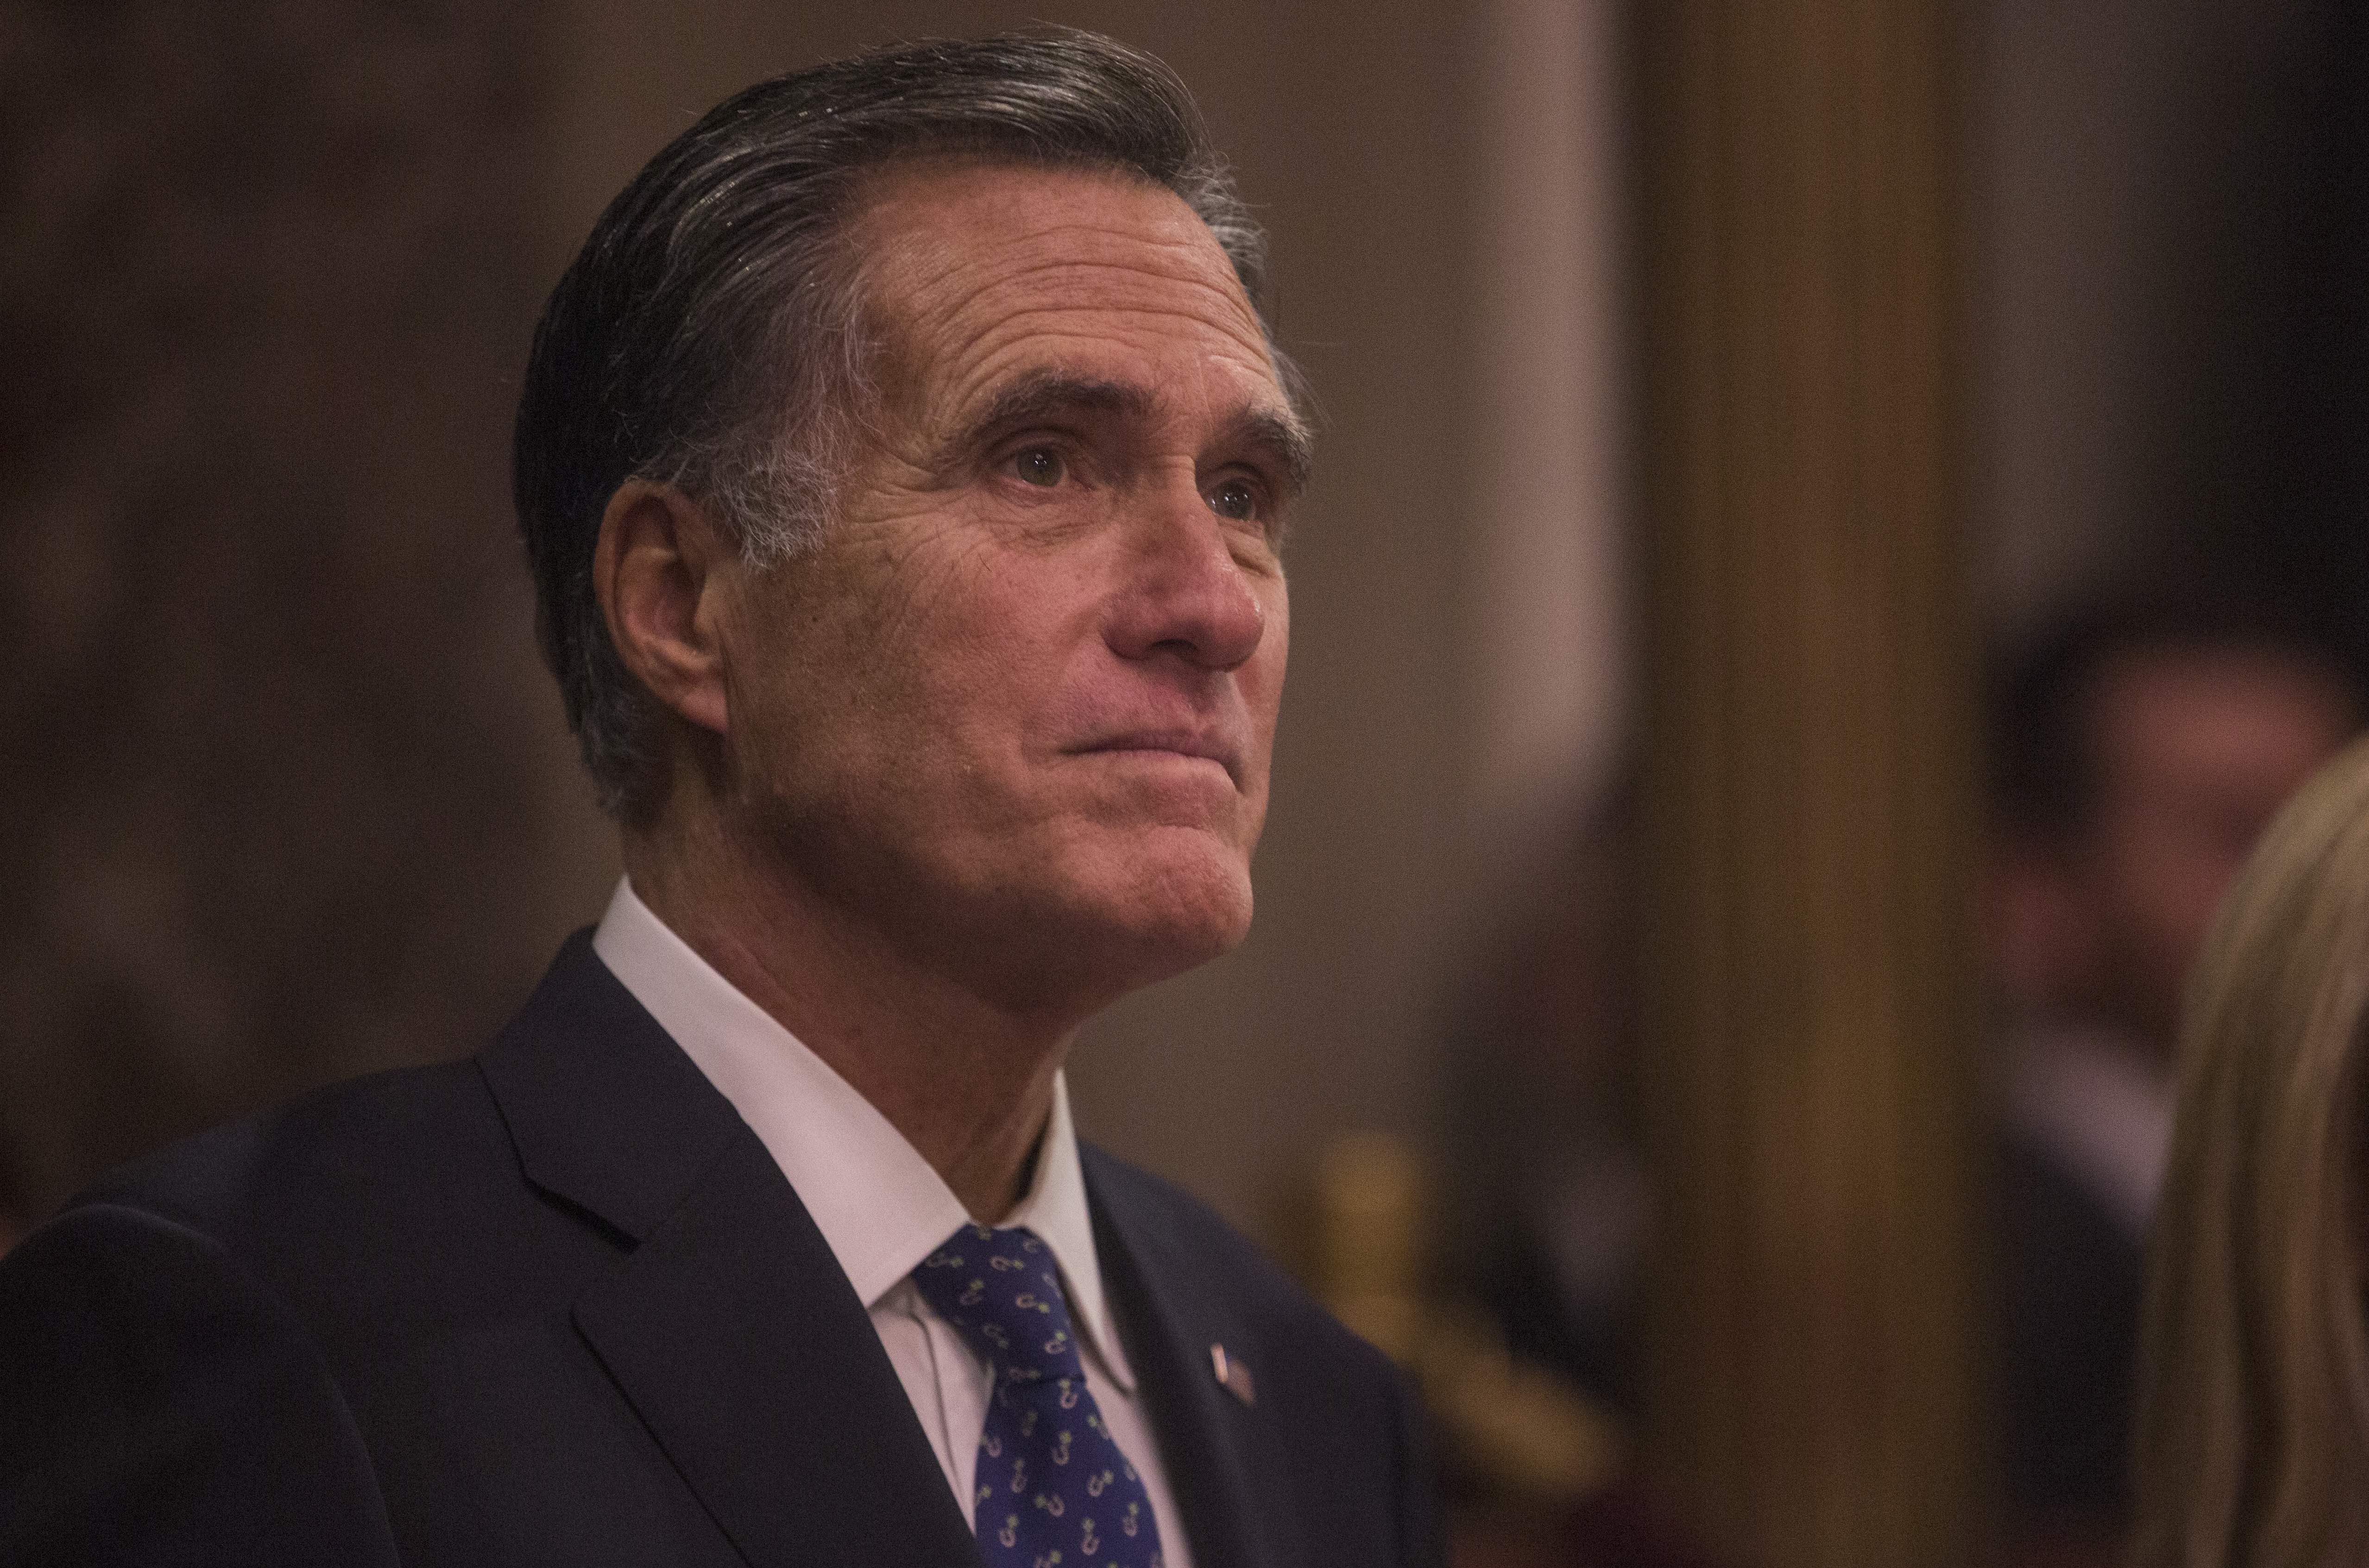 Los politicos del año 2019: Mitt Romney. Photo: Getty Images